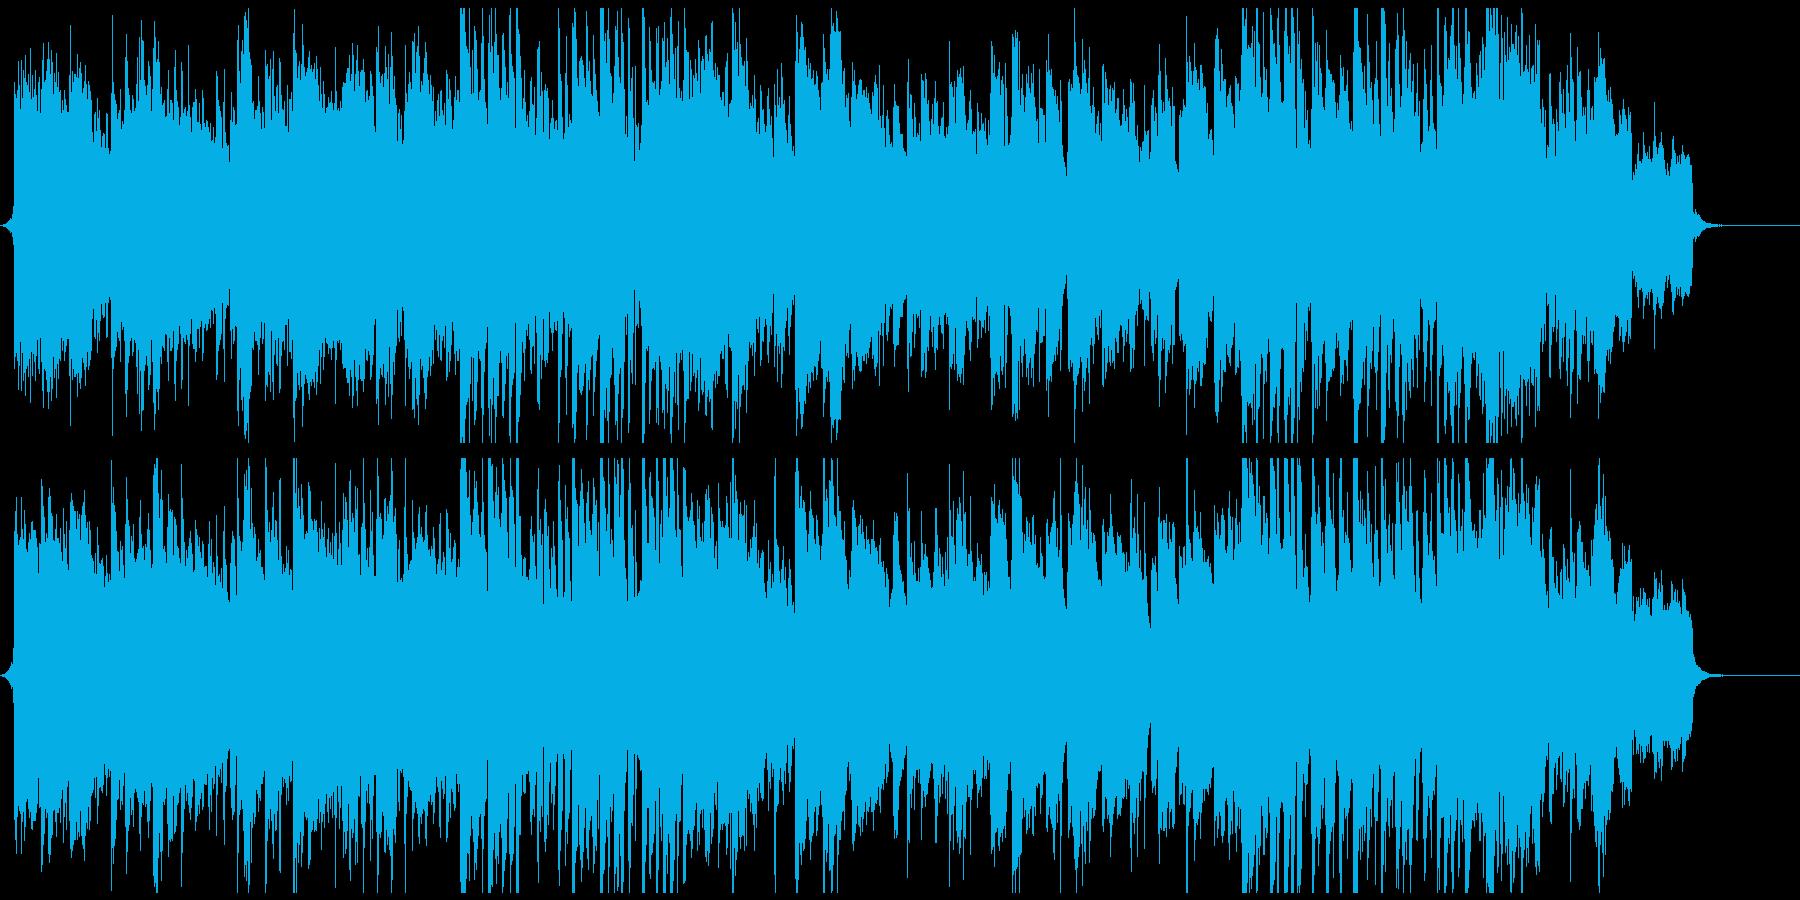 日本の笛、ピアノ、和太鼓、荘厳で切ない曲の再生済みの波形